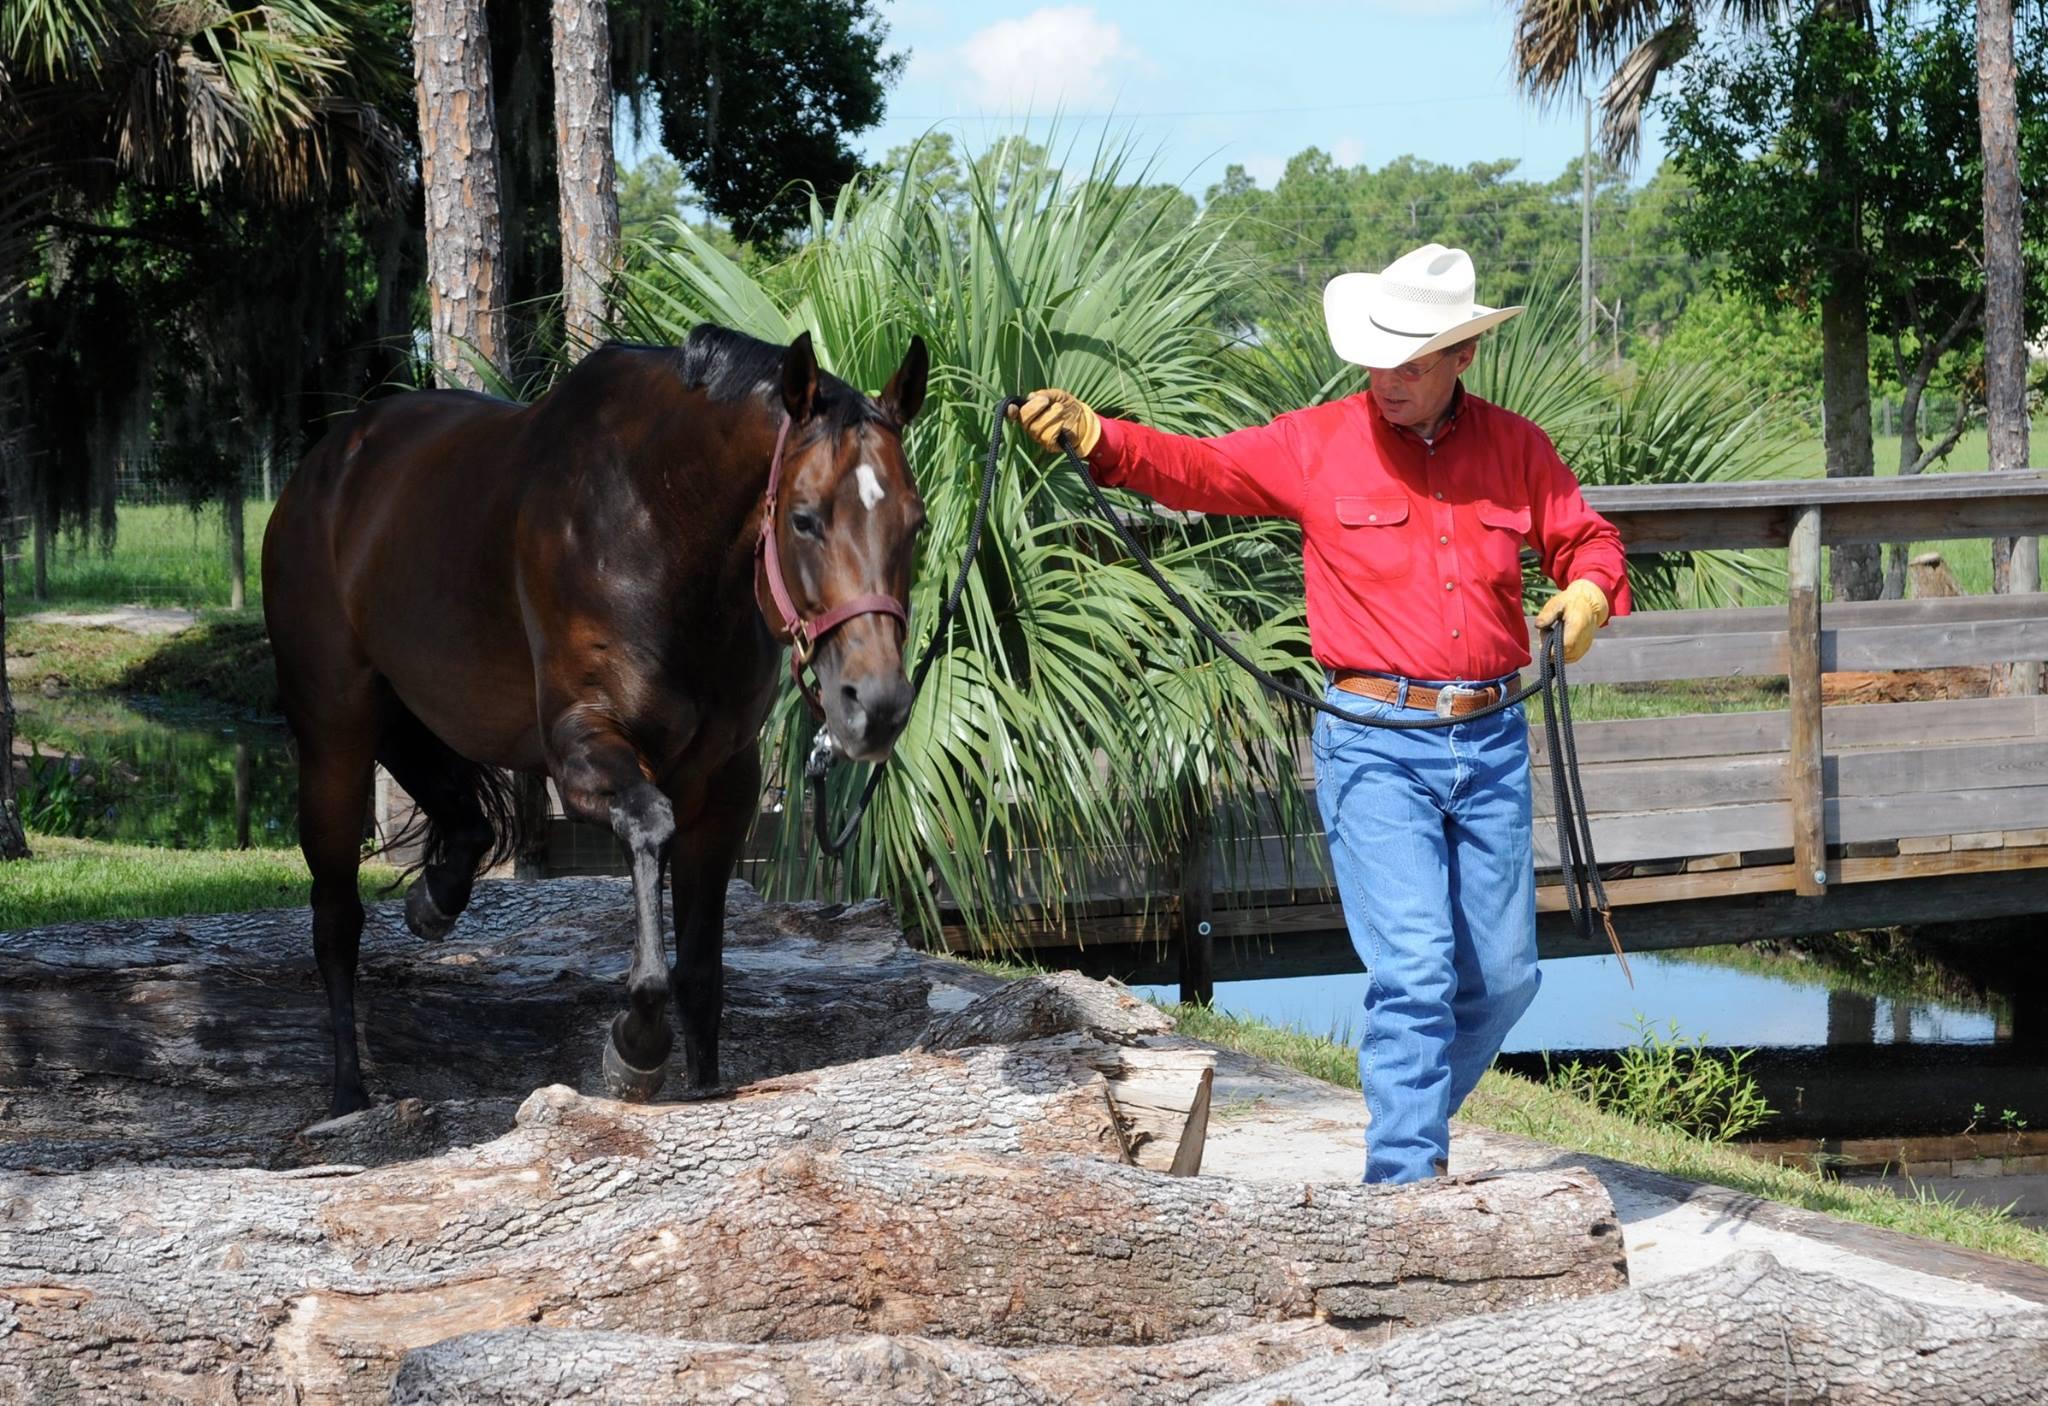 Photo From Bolender Horse Park USA